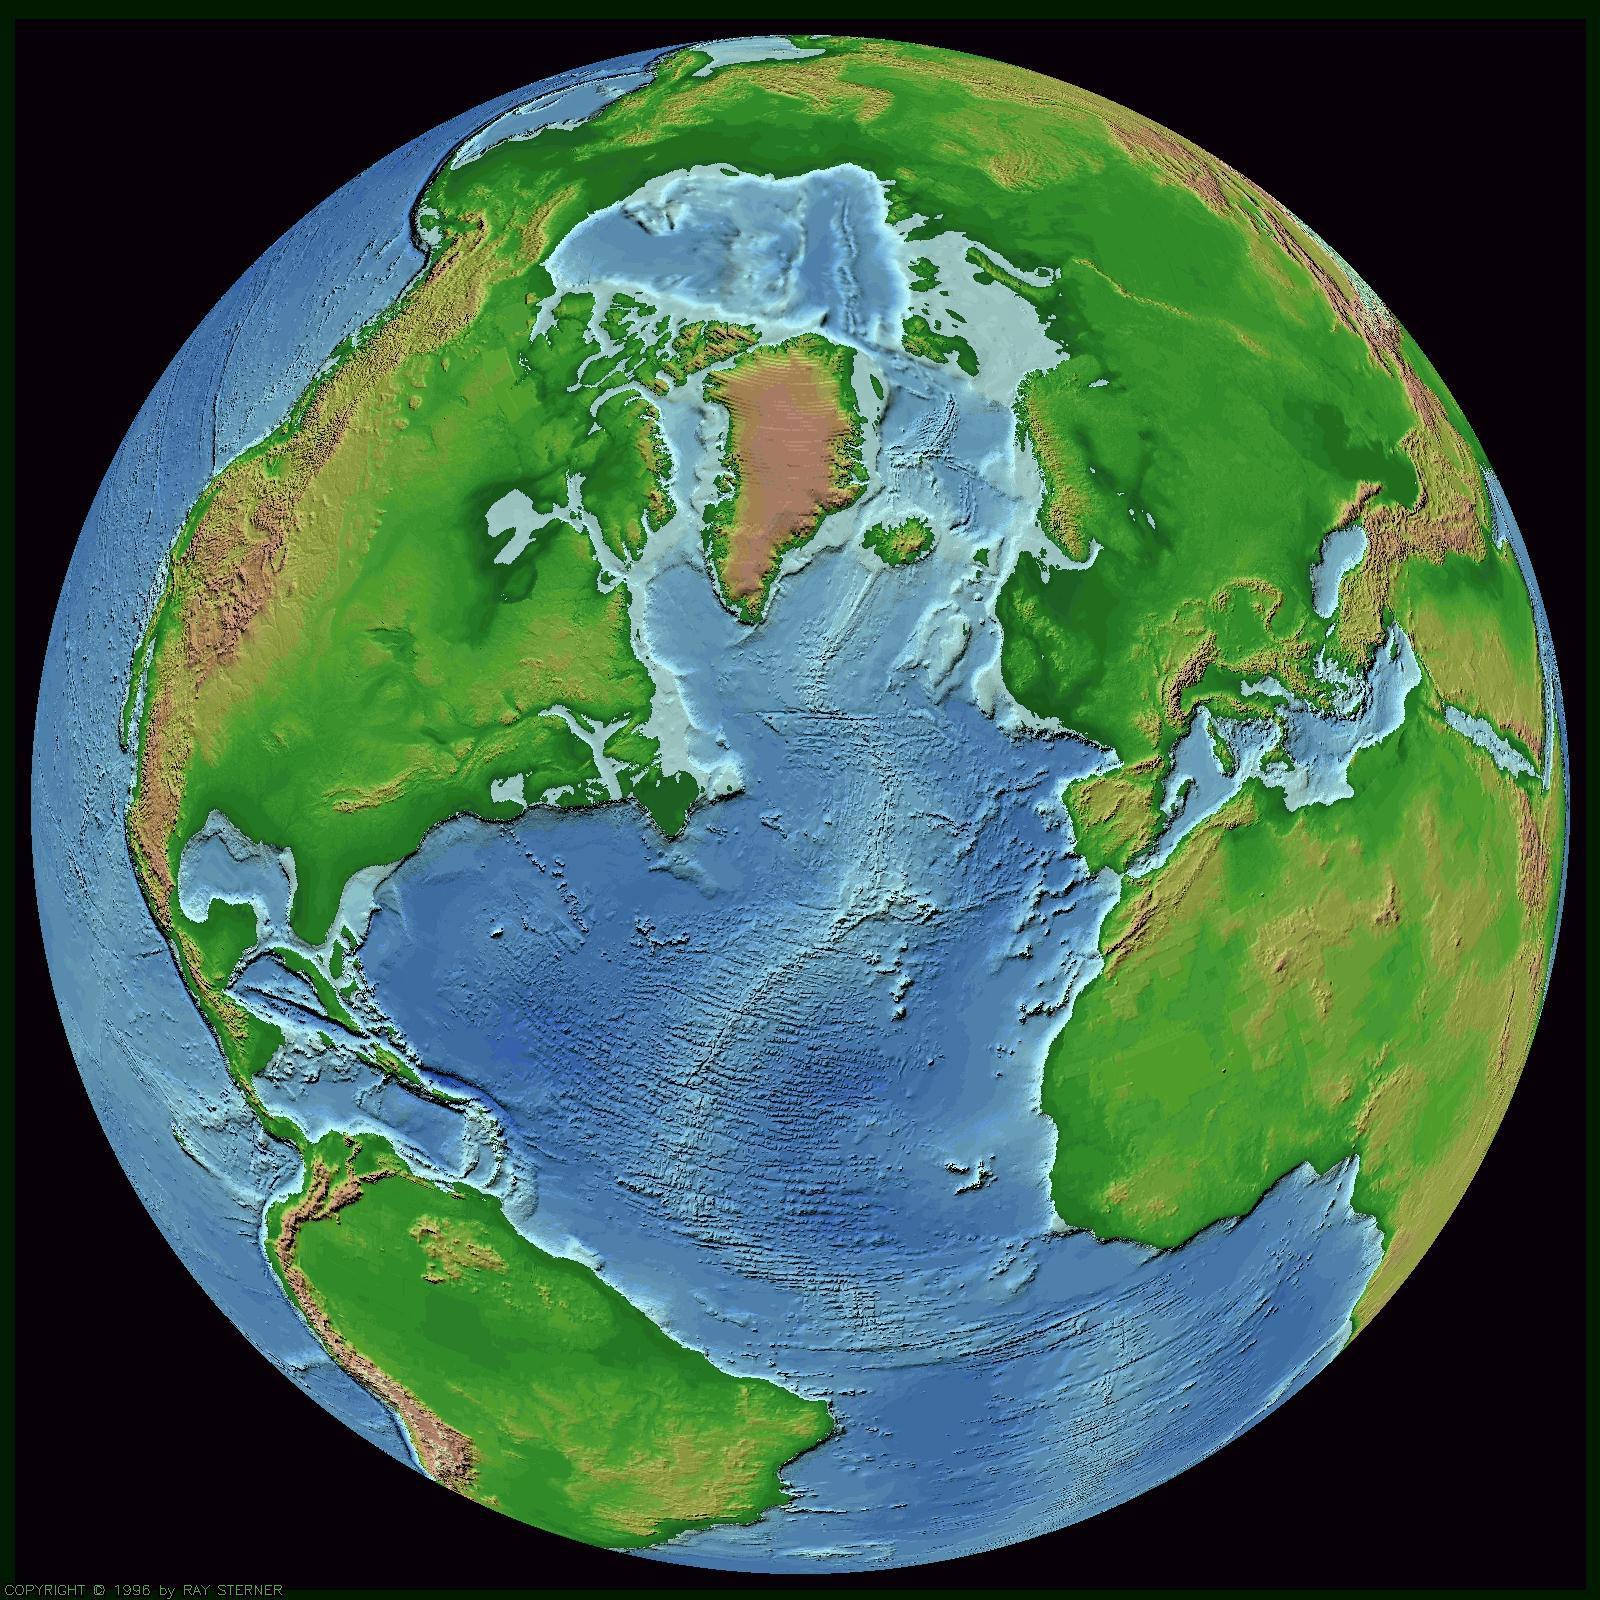 De wereld - Salontafel herbergt de wereld ...